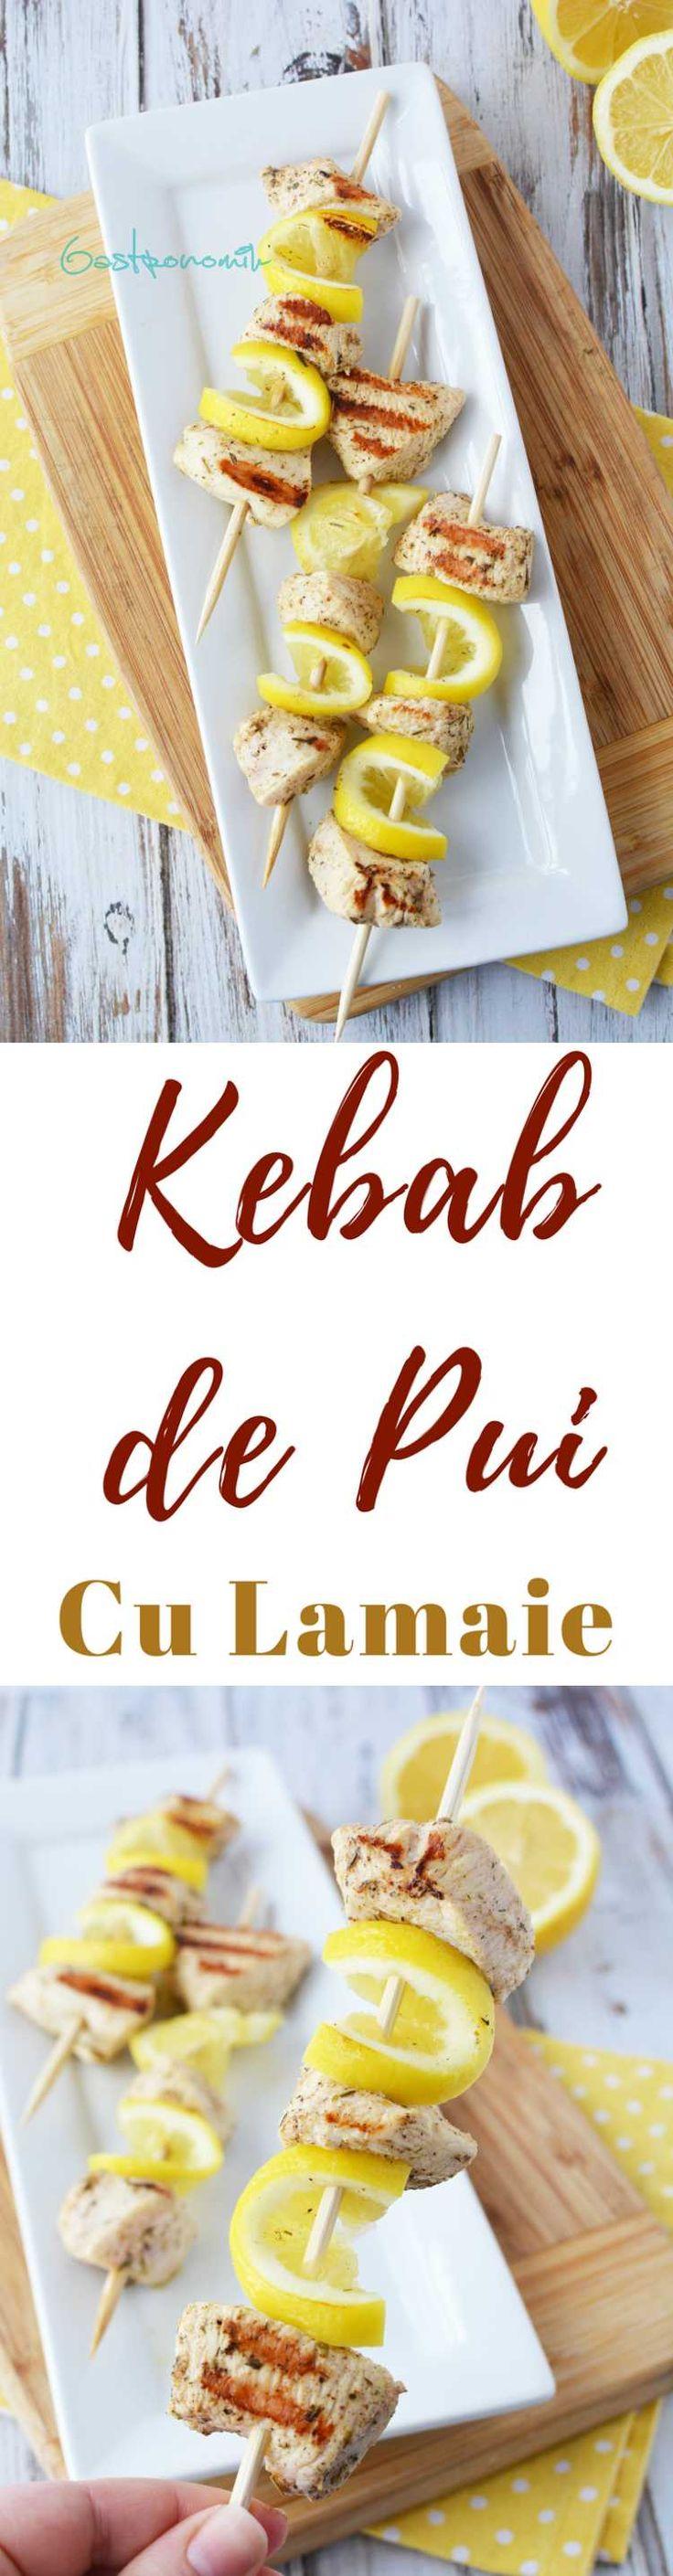 FRIGARUI DE PUI MARINATE - Aceste frigarui de pui cu lamaie sunt marinate în condimente cu arome grecești pentru cele mai delicioase frigarui la gratar pe care le-ai facut vreodată!